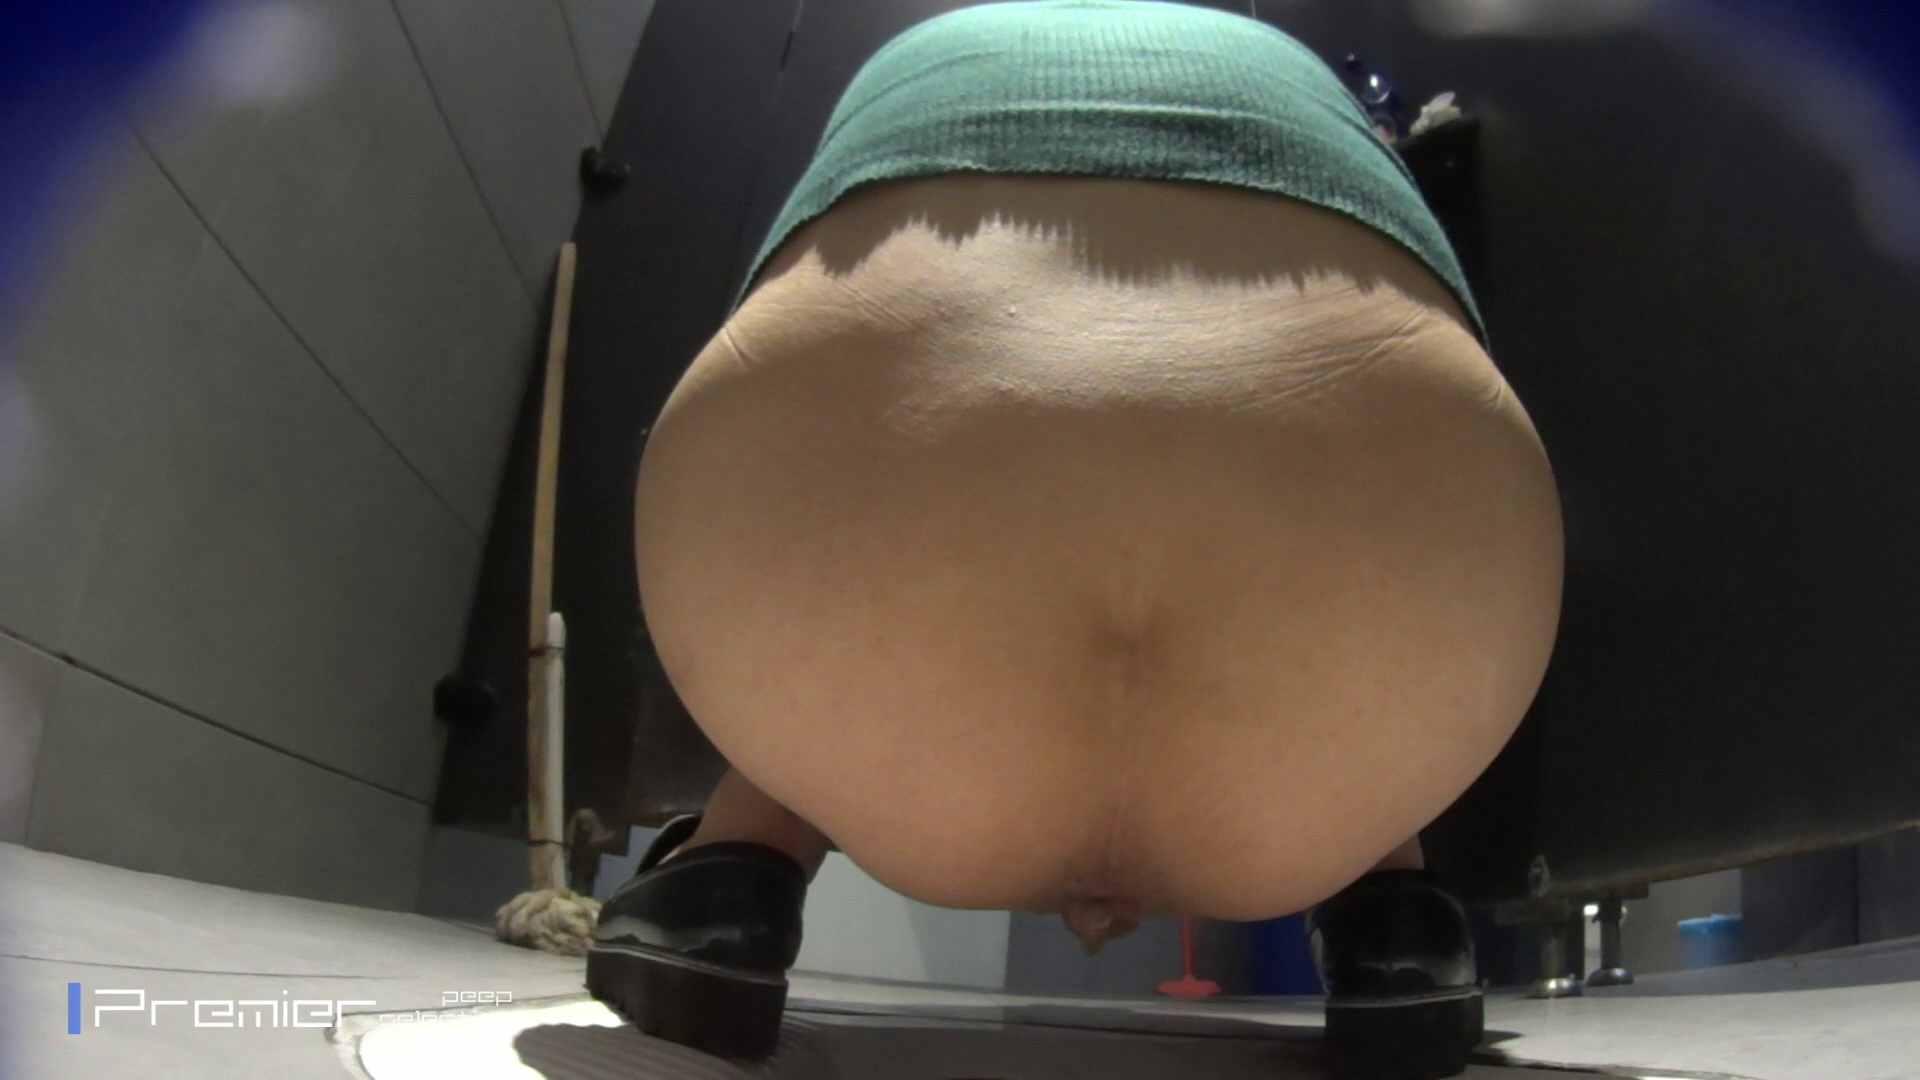 トイレットペーパーを握りしめ個室に入る乙女 大学休憩時間の洗面所事情83 盗撮 エロ画像 98pic 79